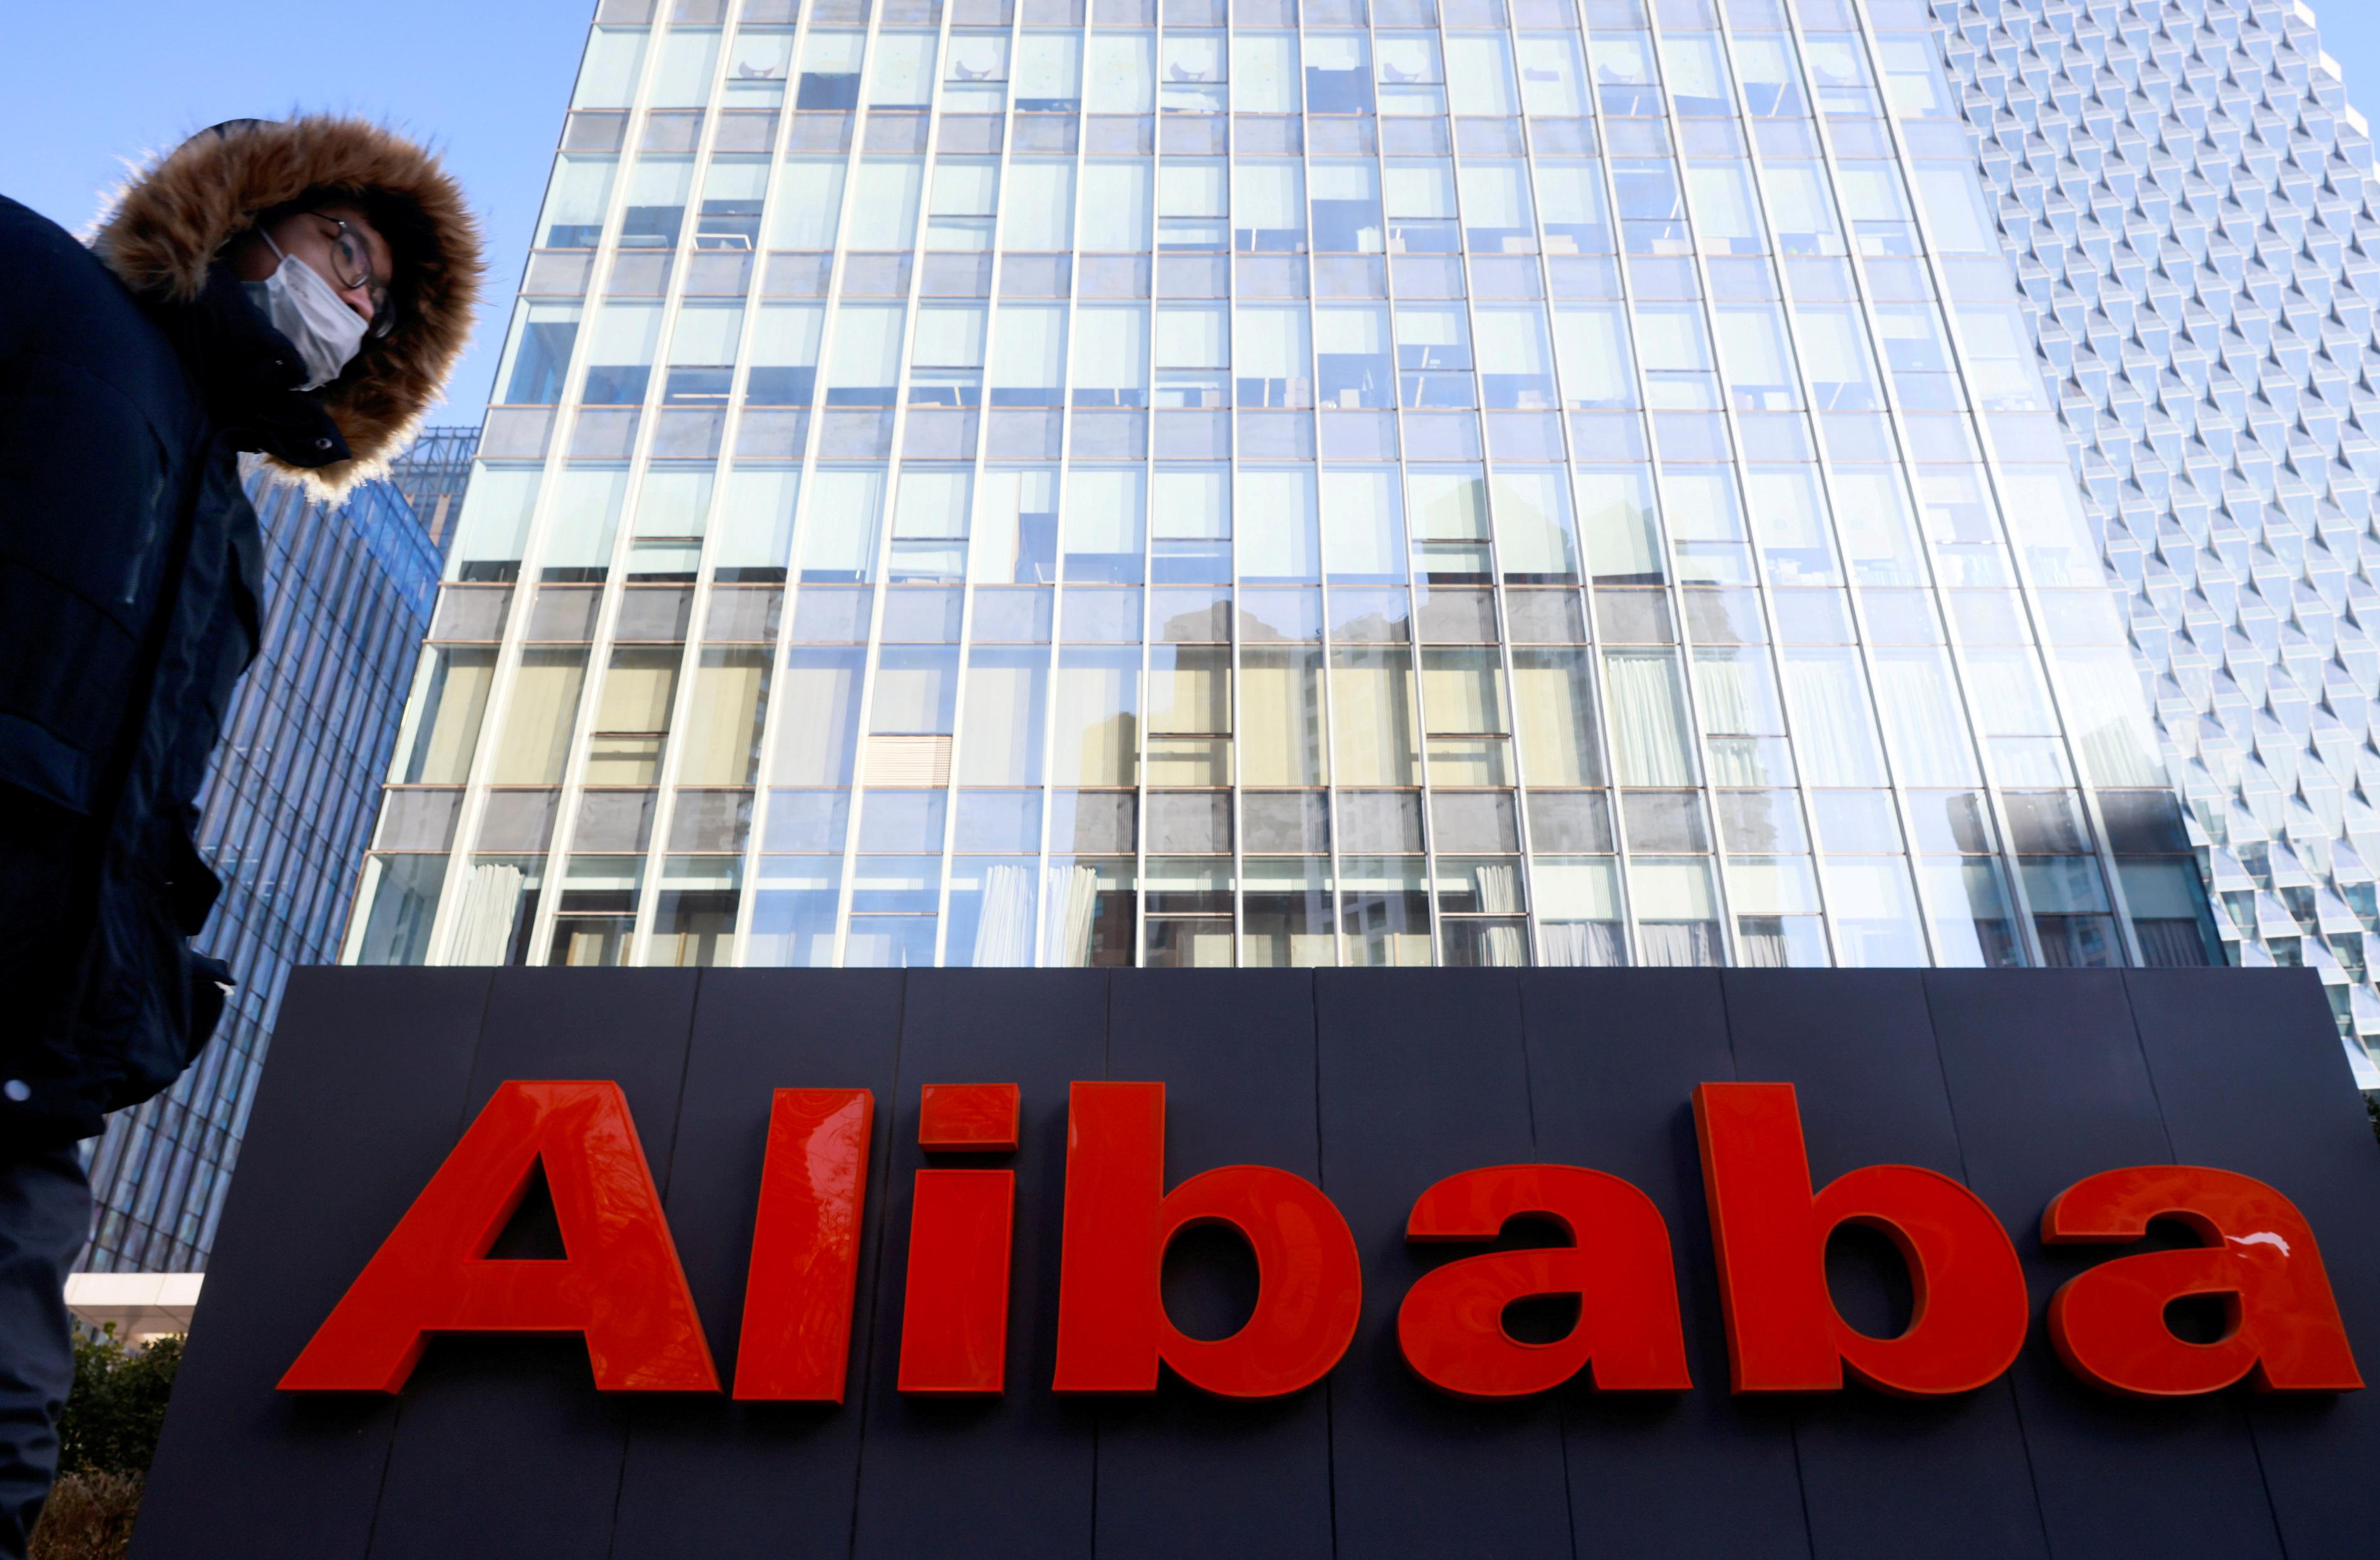 """阿里巴巴因""""二选一""""垄断行为遭重罚114亿9210万令吉,相当于2019年境内销售额4%。-路透社-"""